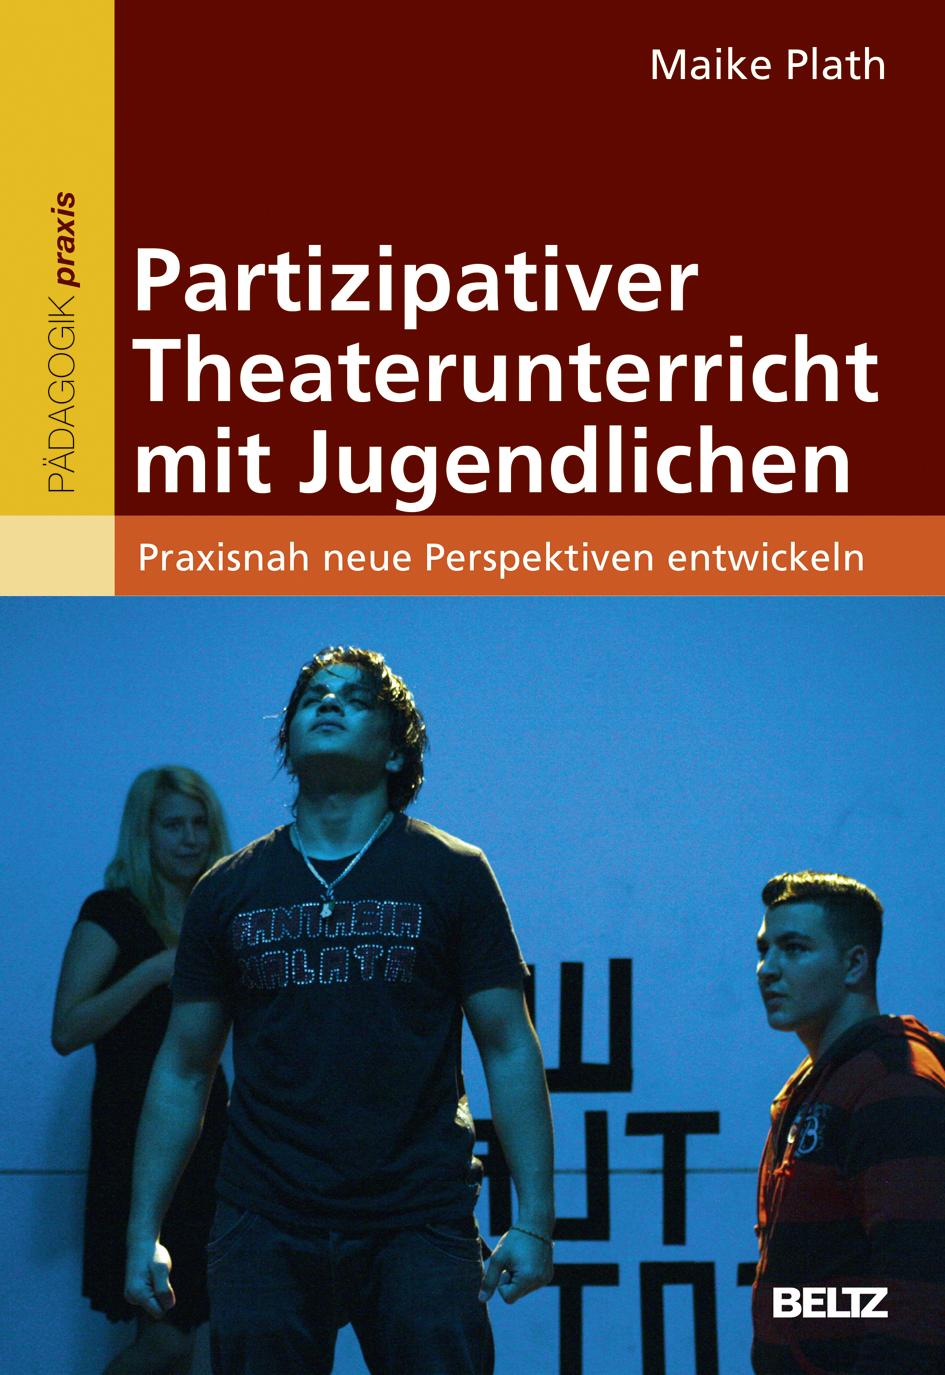 Partizipativer Theaterunterricht mit Jugendlichen Maike Plath 9783407628916